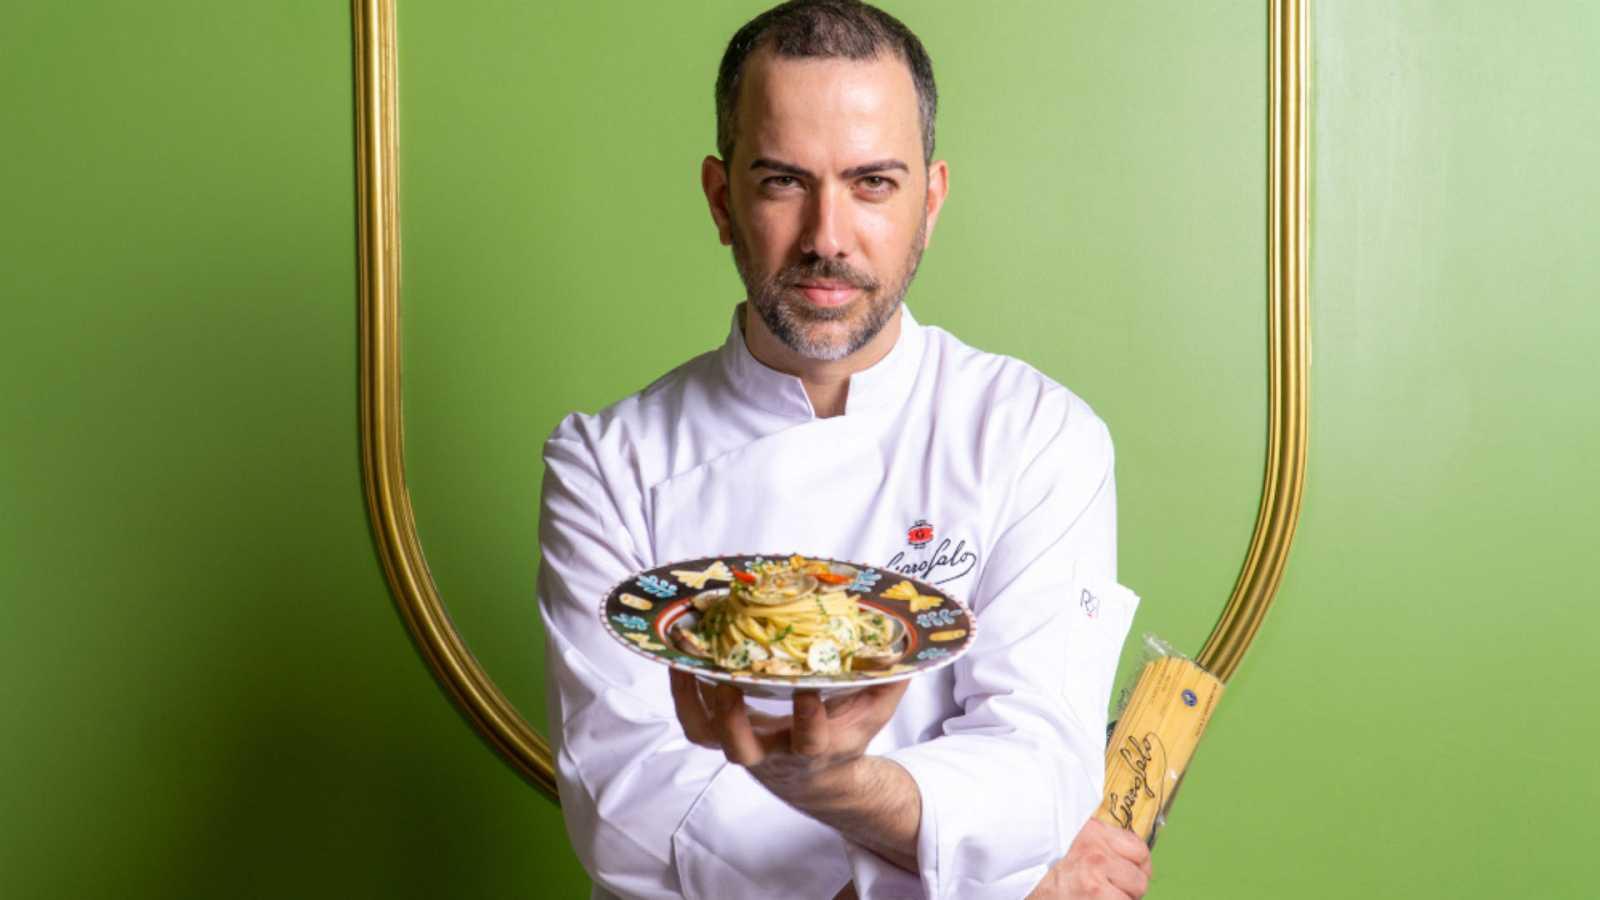 Dichosa cocina - Gianni Pinto - 30/10/20 - Escuchar ahora